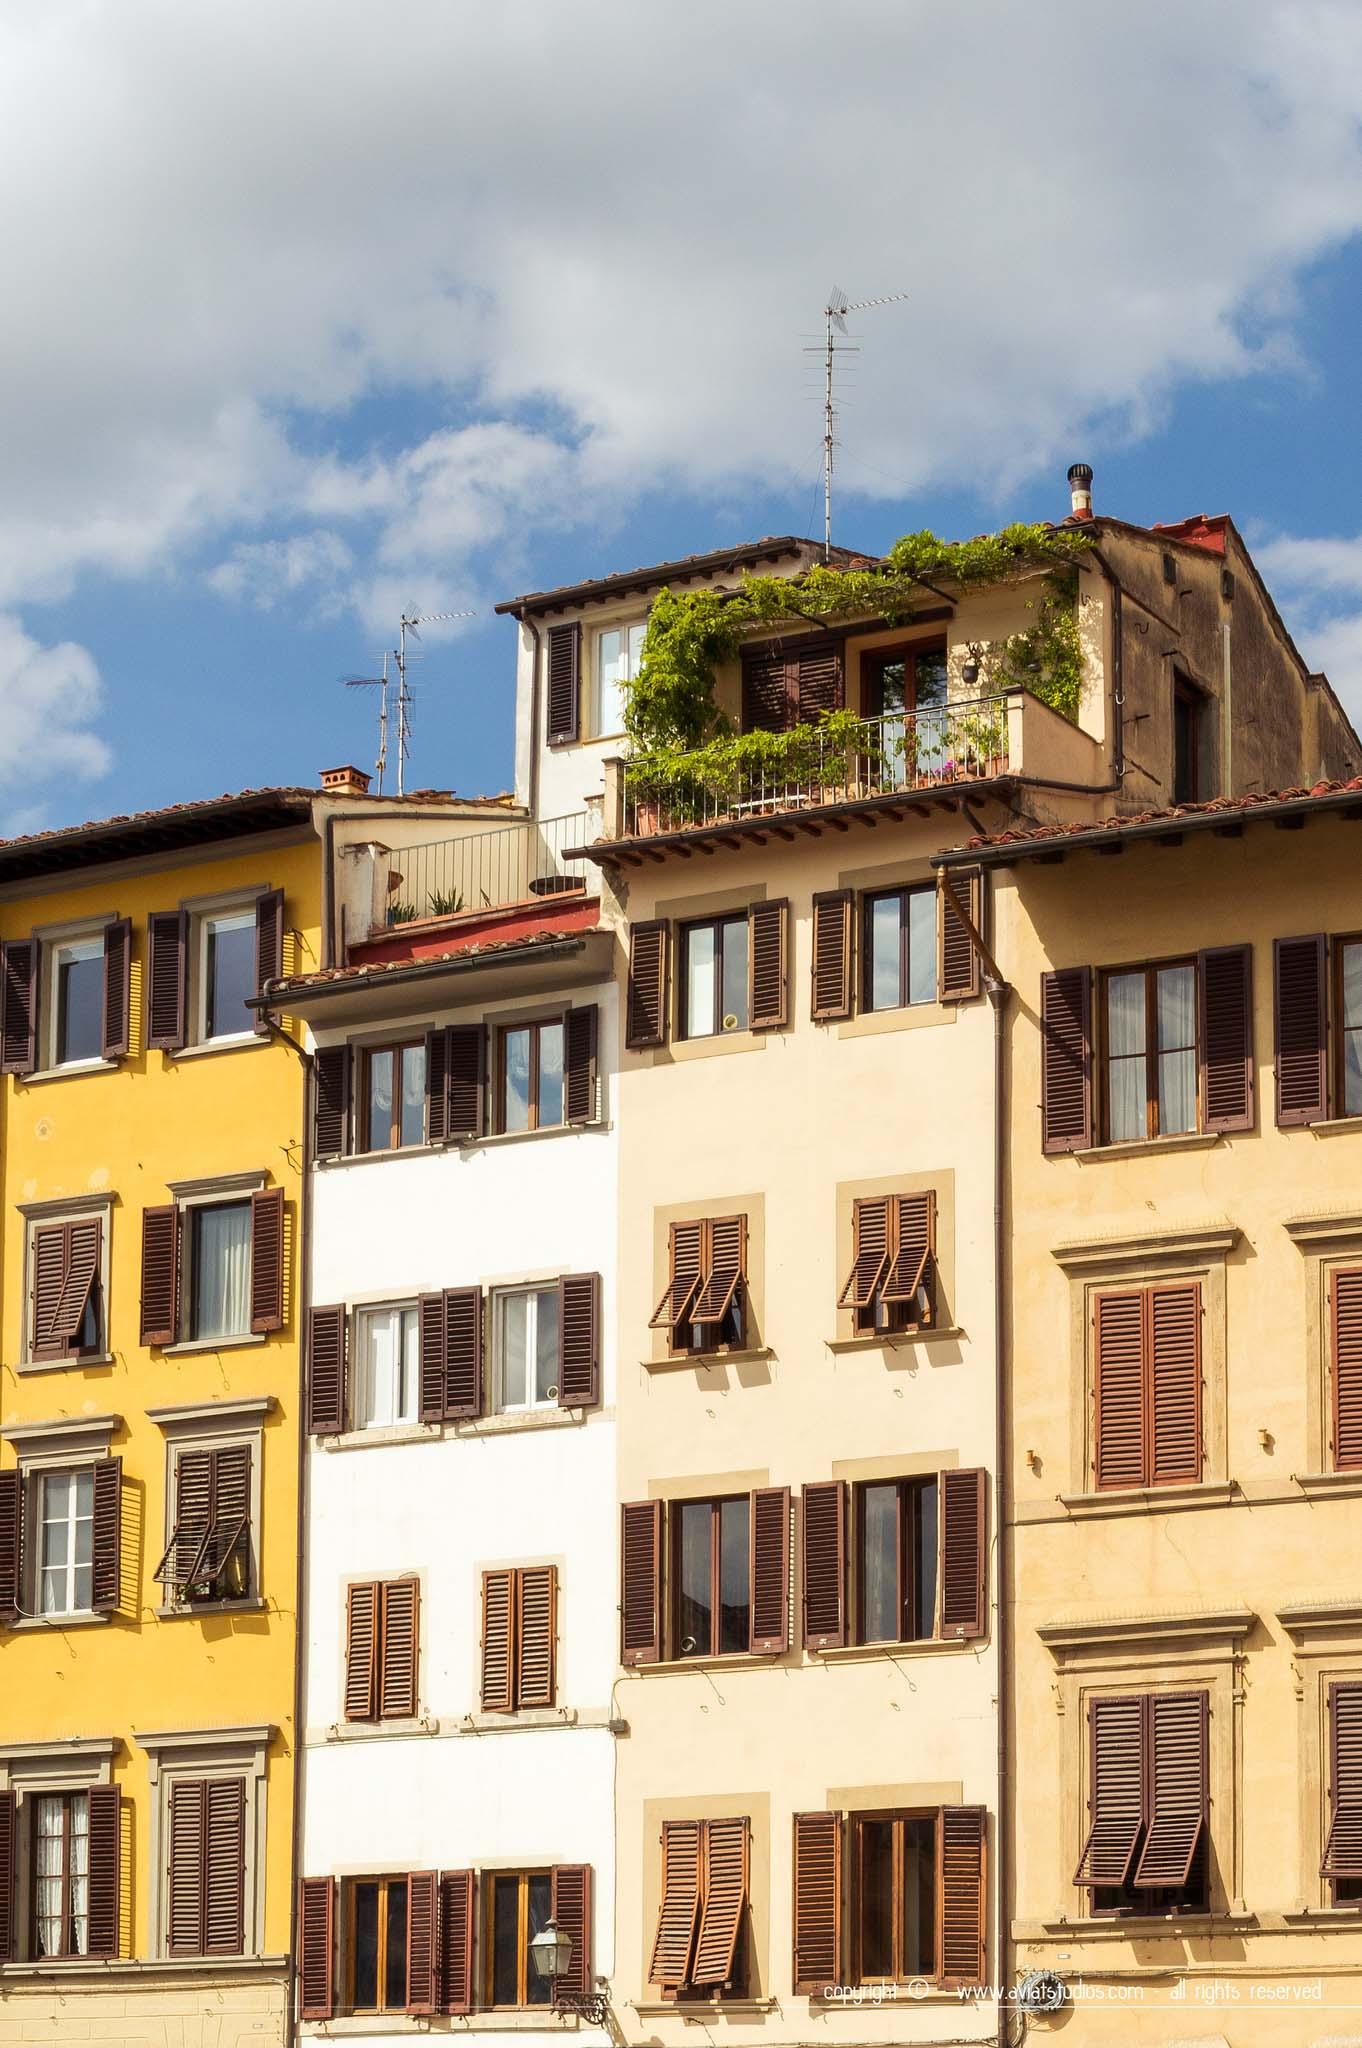 Un week-end à Florence - des habitations baignées de soleil